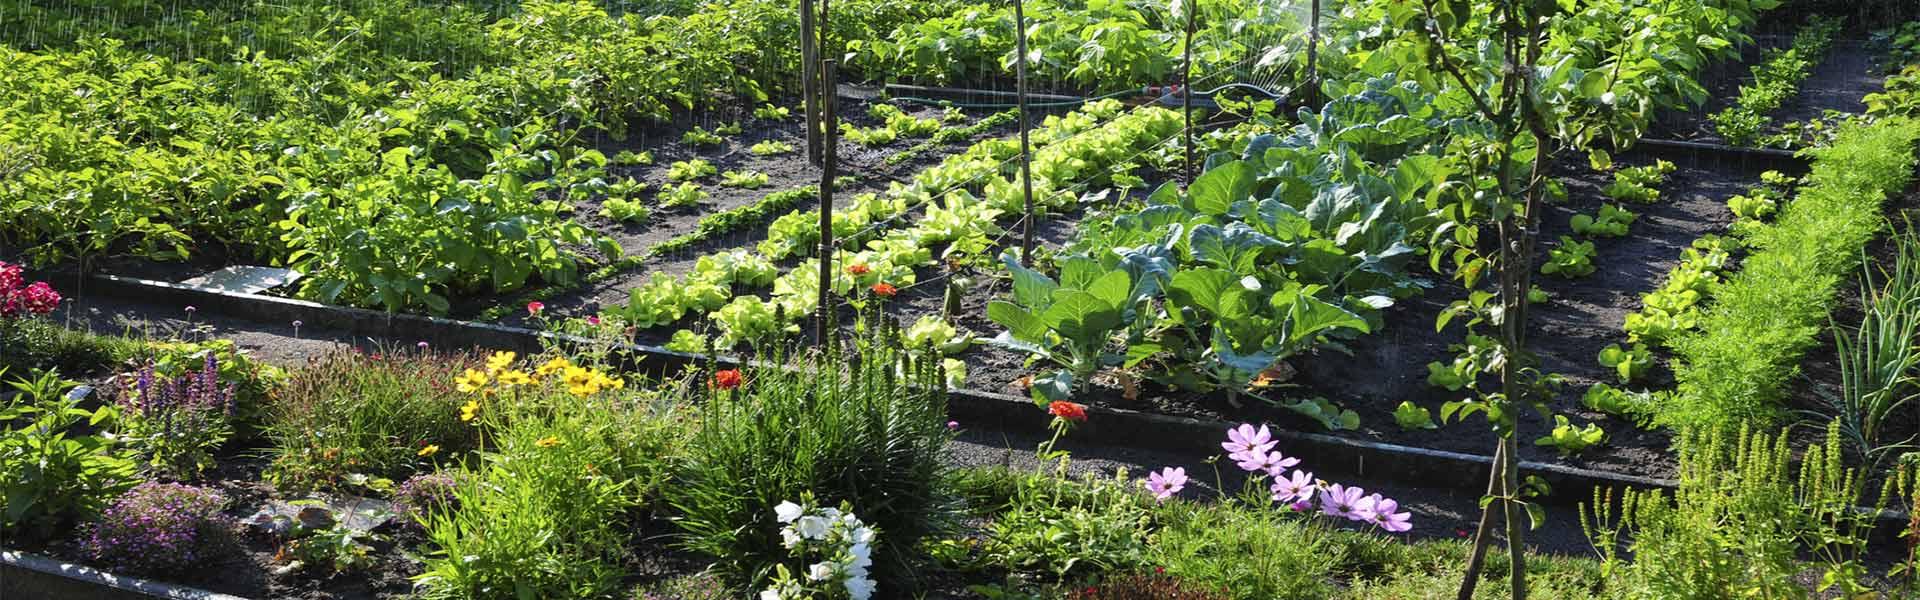 Curso huerto urbano ecol gico asociaci n blue planet for Asociacion de plantas en el huerto